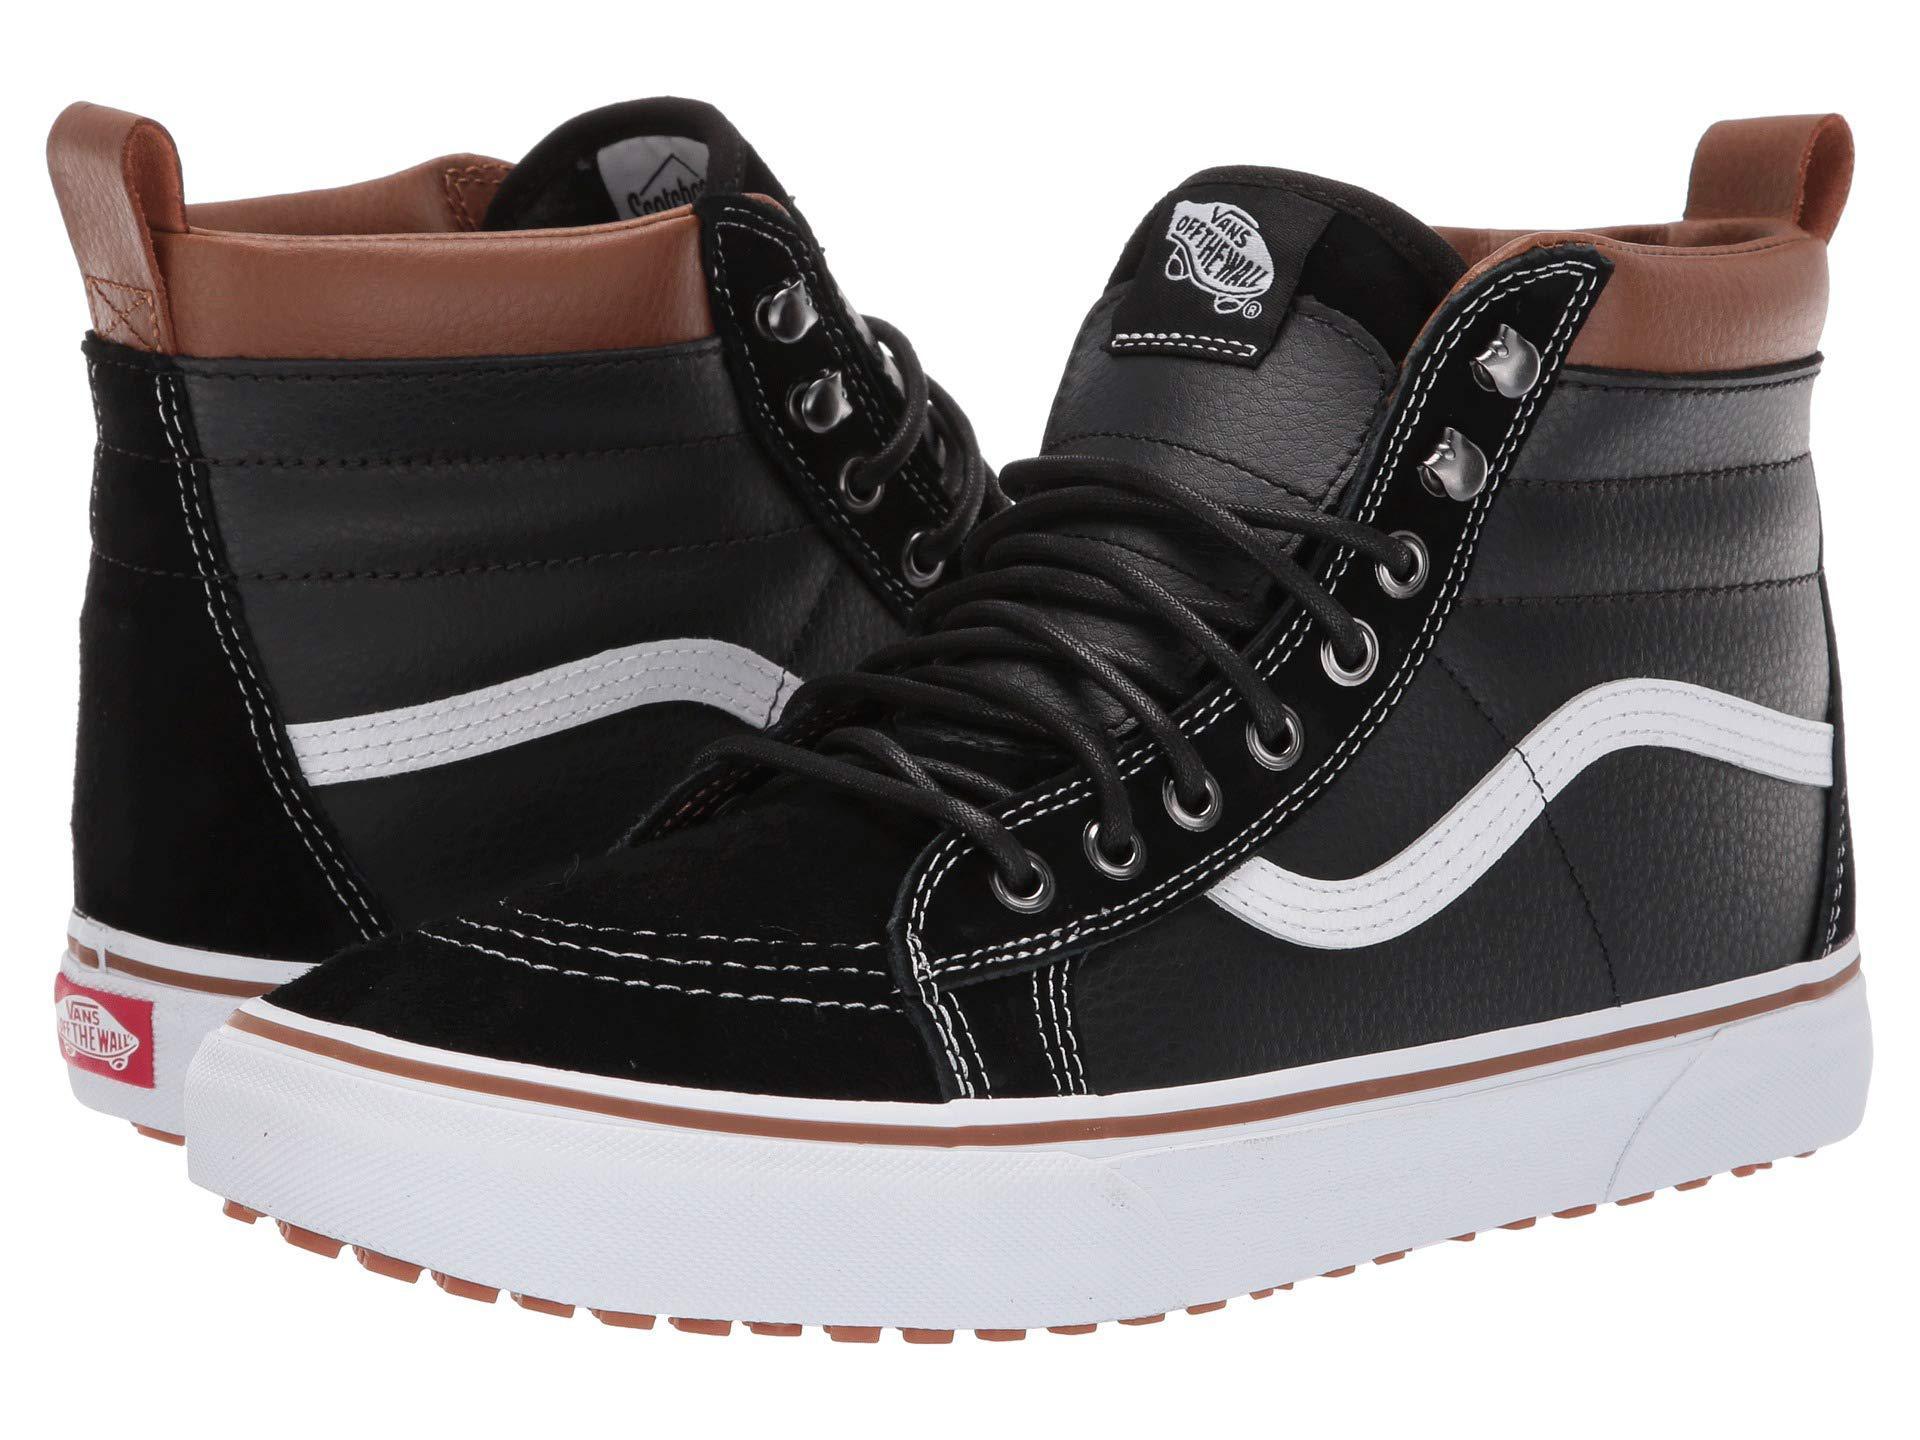 24f587a15704 Lyst - Vans Sk8-hi Mte ((mte) Black gum) Skate Shoes in Black for Men